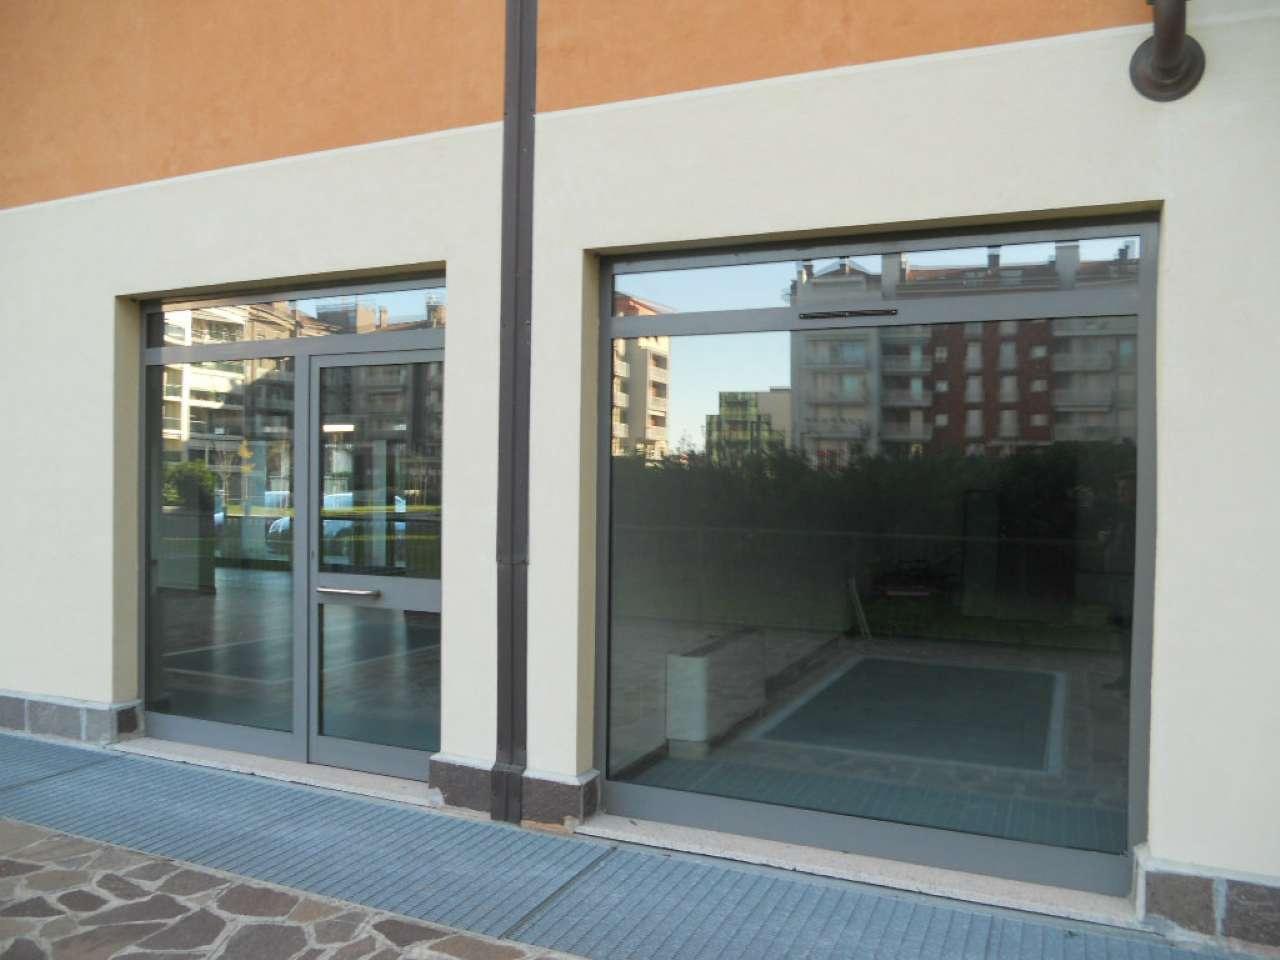 Ufficio / Studio in affitto a Lodi, 9999 locali, prezzo € 1.100 | CambioCasa.it